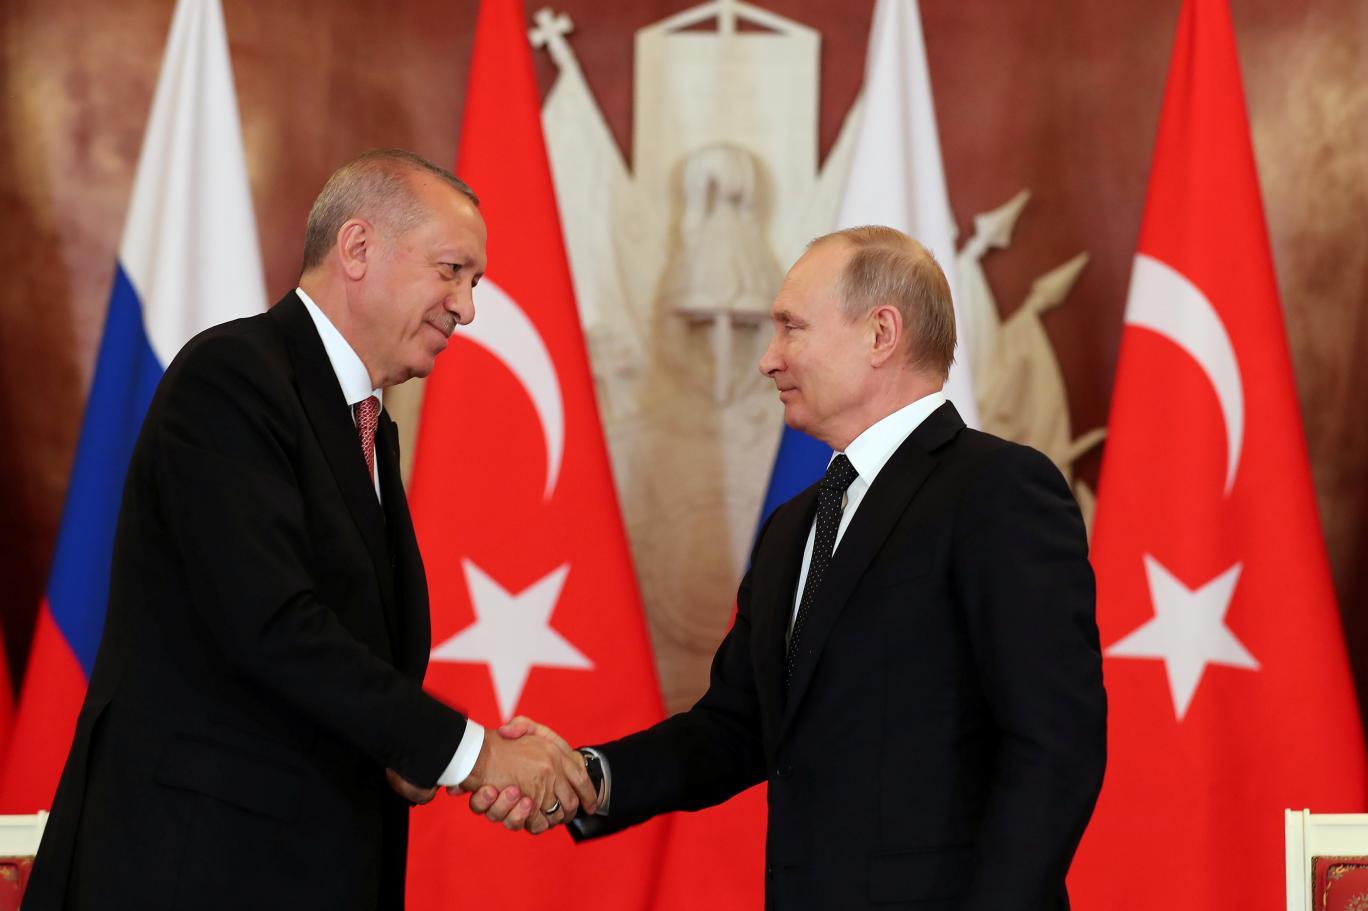 صورة تركيا تحاصر روسيا في ملعبها الاستراتيجي